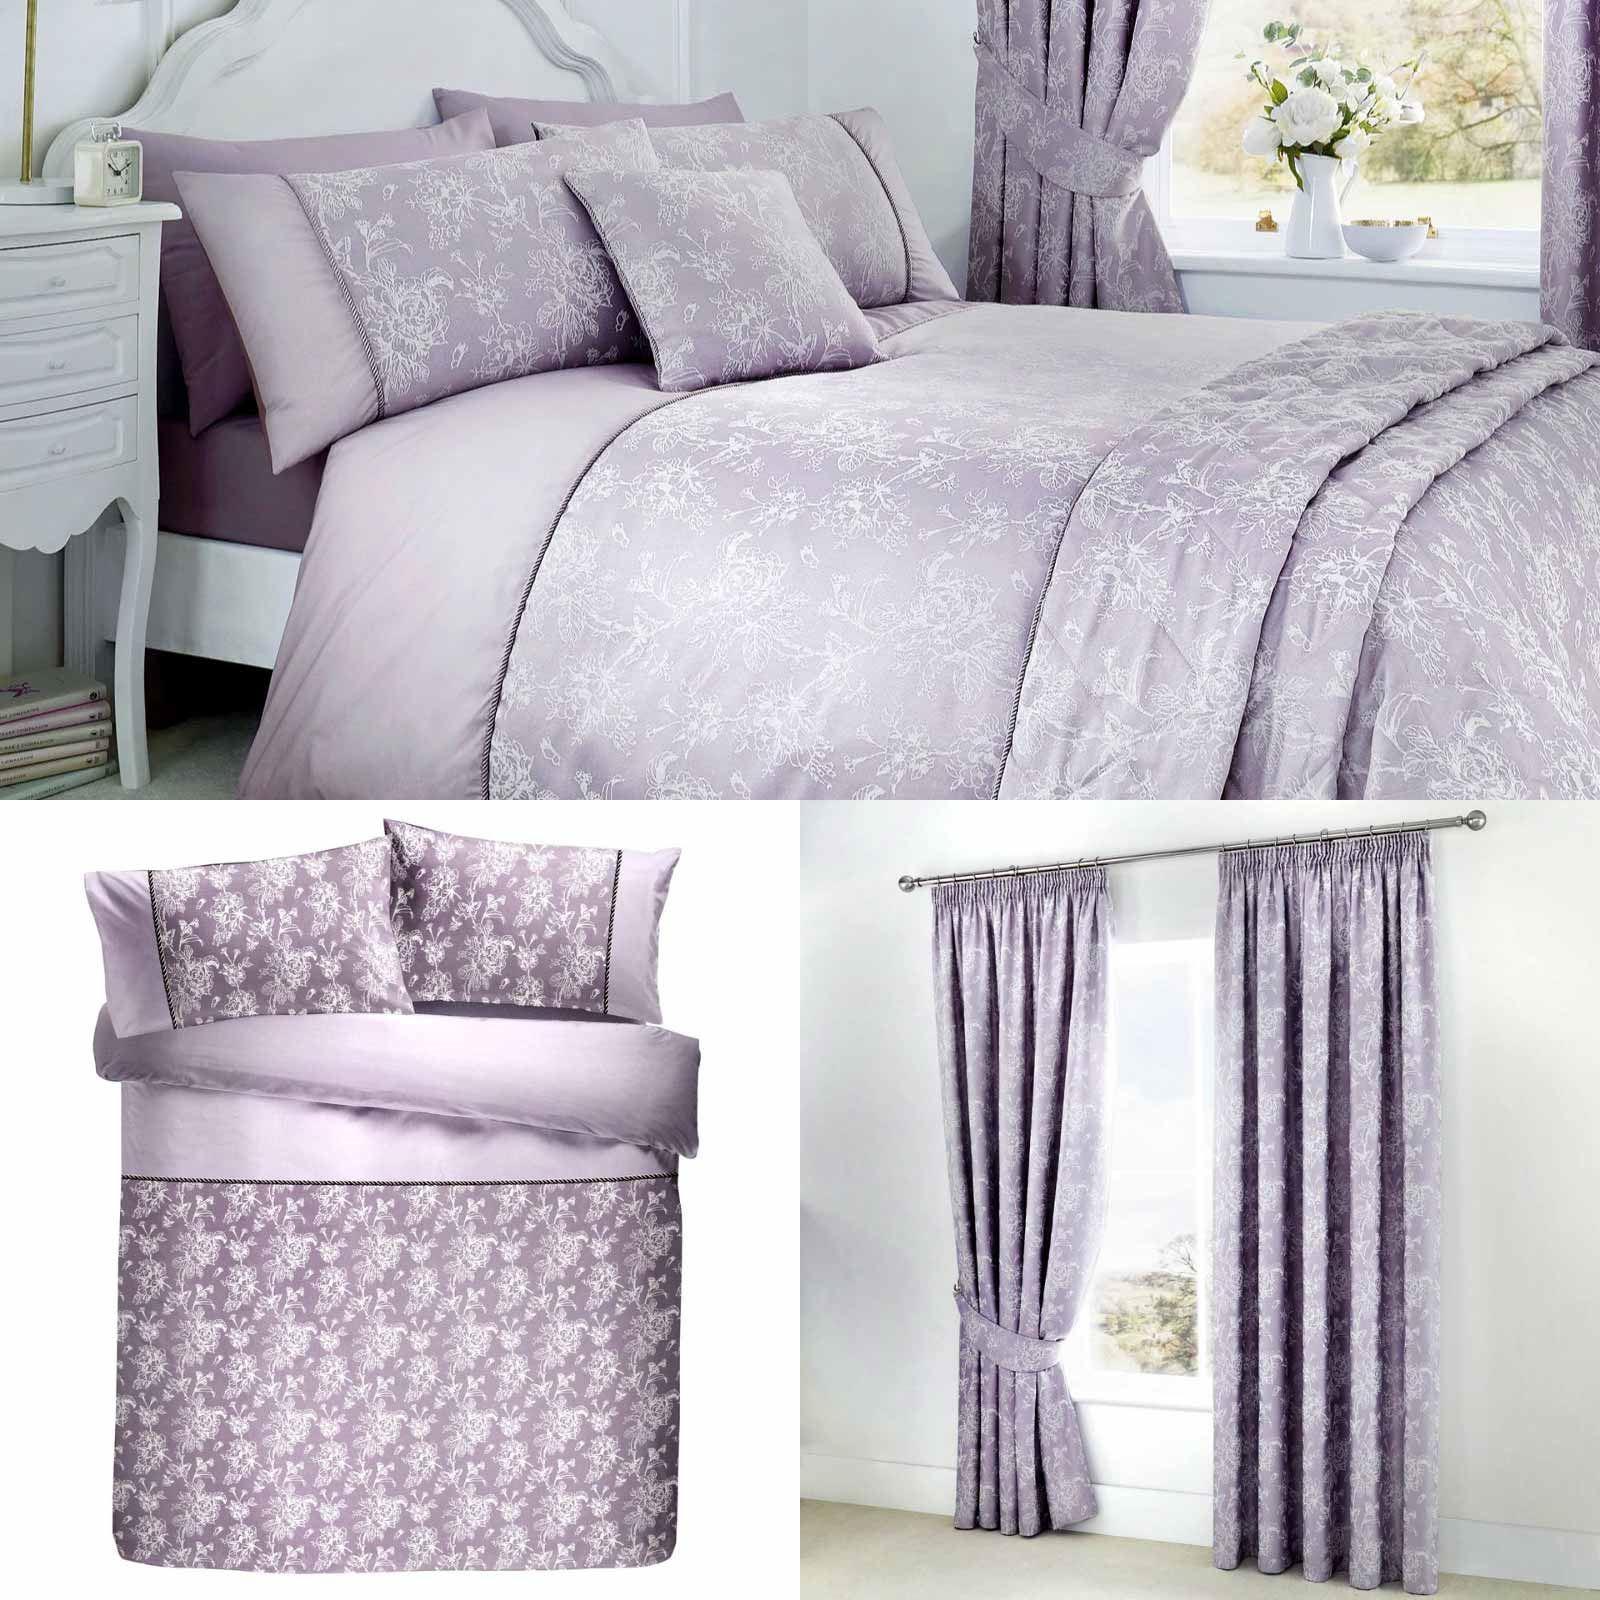 Purple Duvet Covers Floral Jacquard Damask Lavender Quilt Cover Bedding Sets Ebay